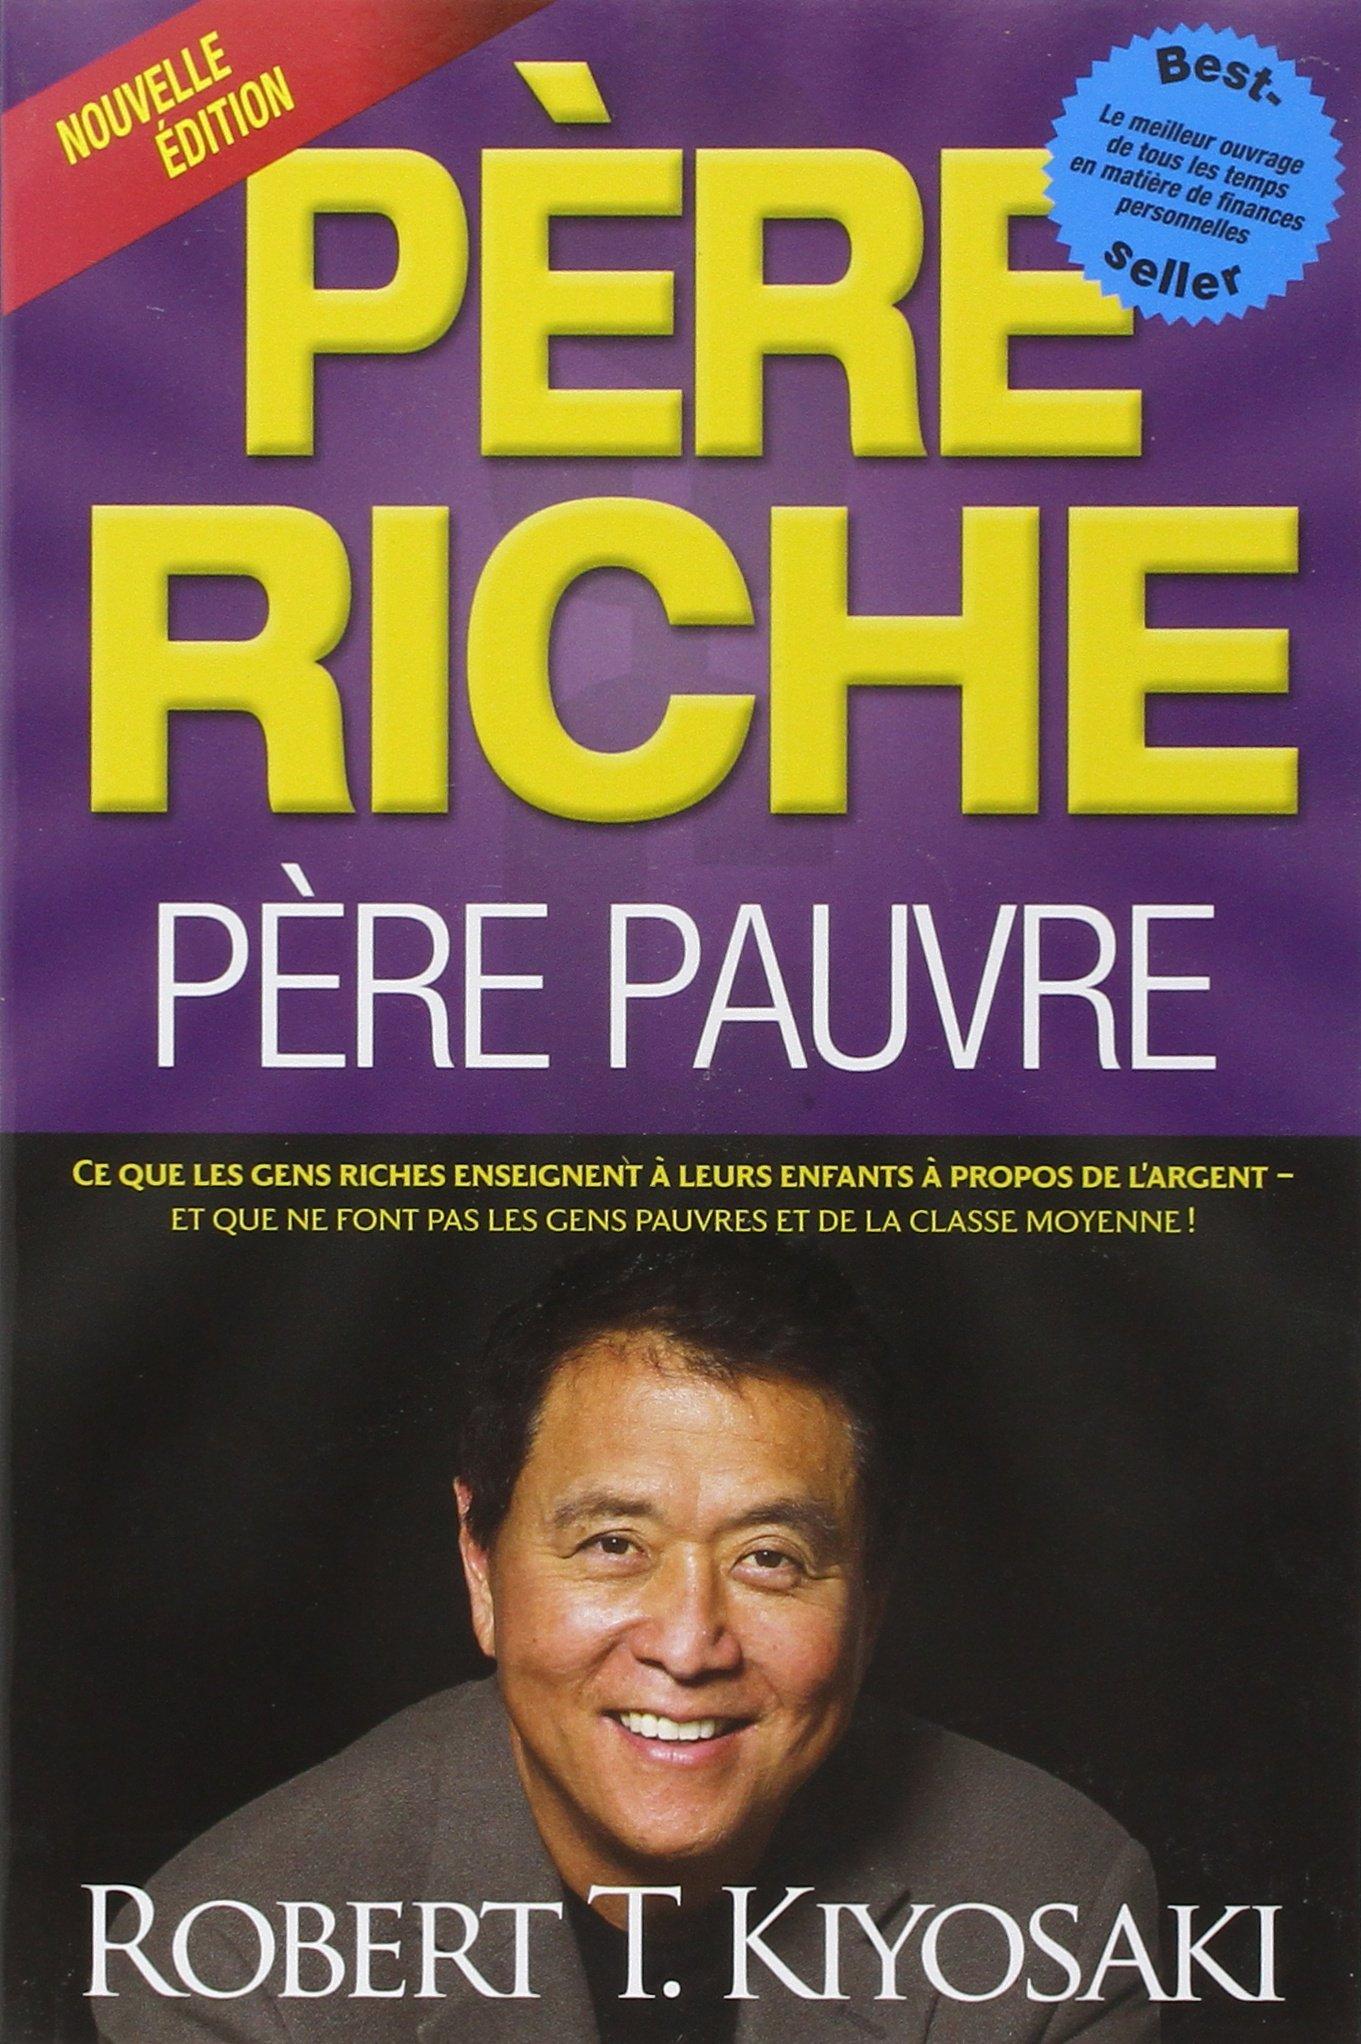 pere riche pere pauvre free pdf